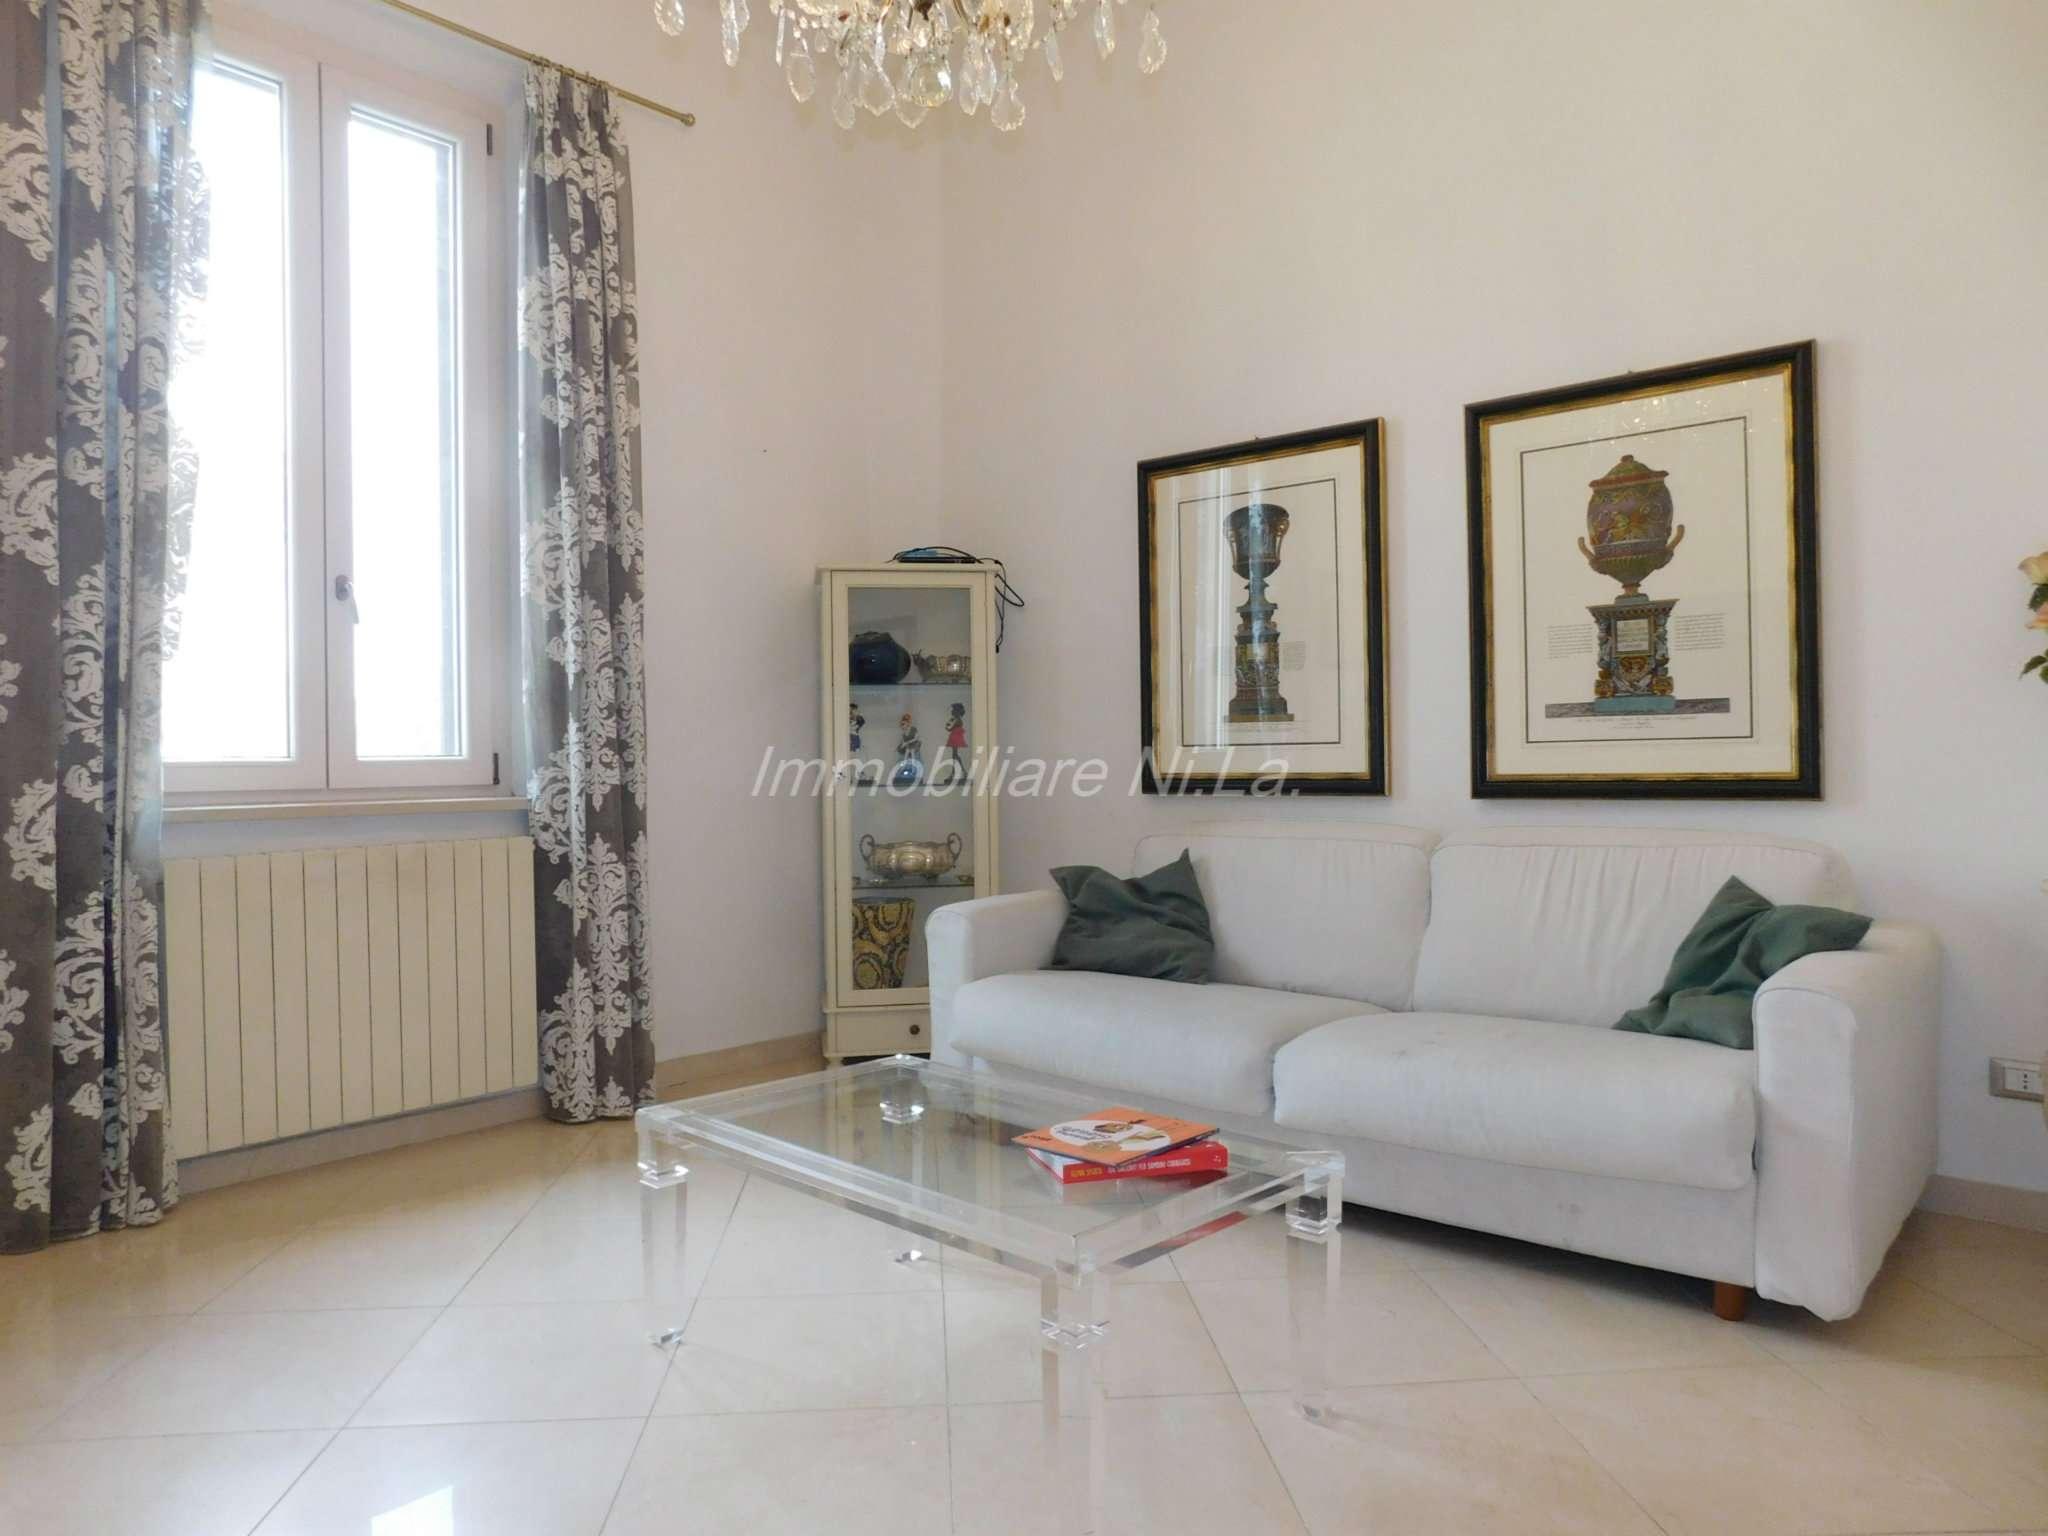 Appartamento ristrutturato in vendita Rif. 8400057